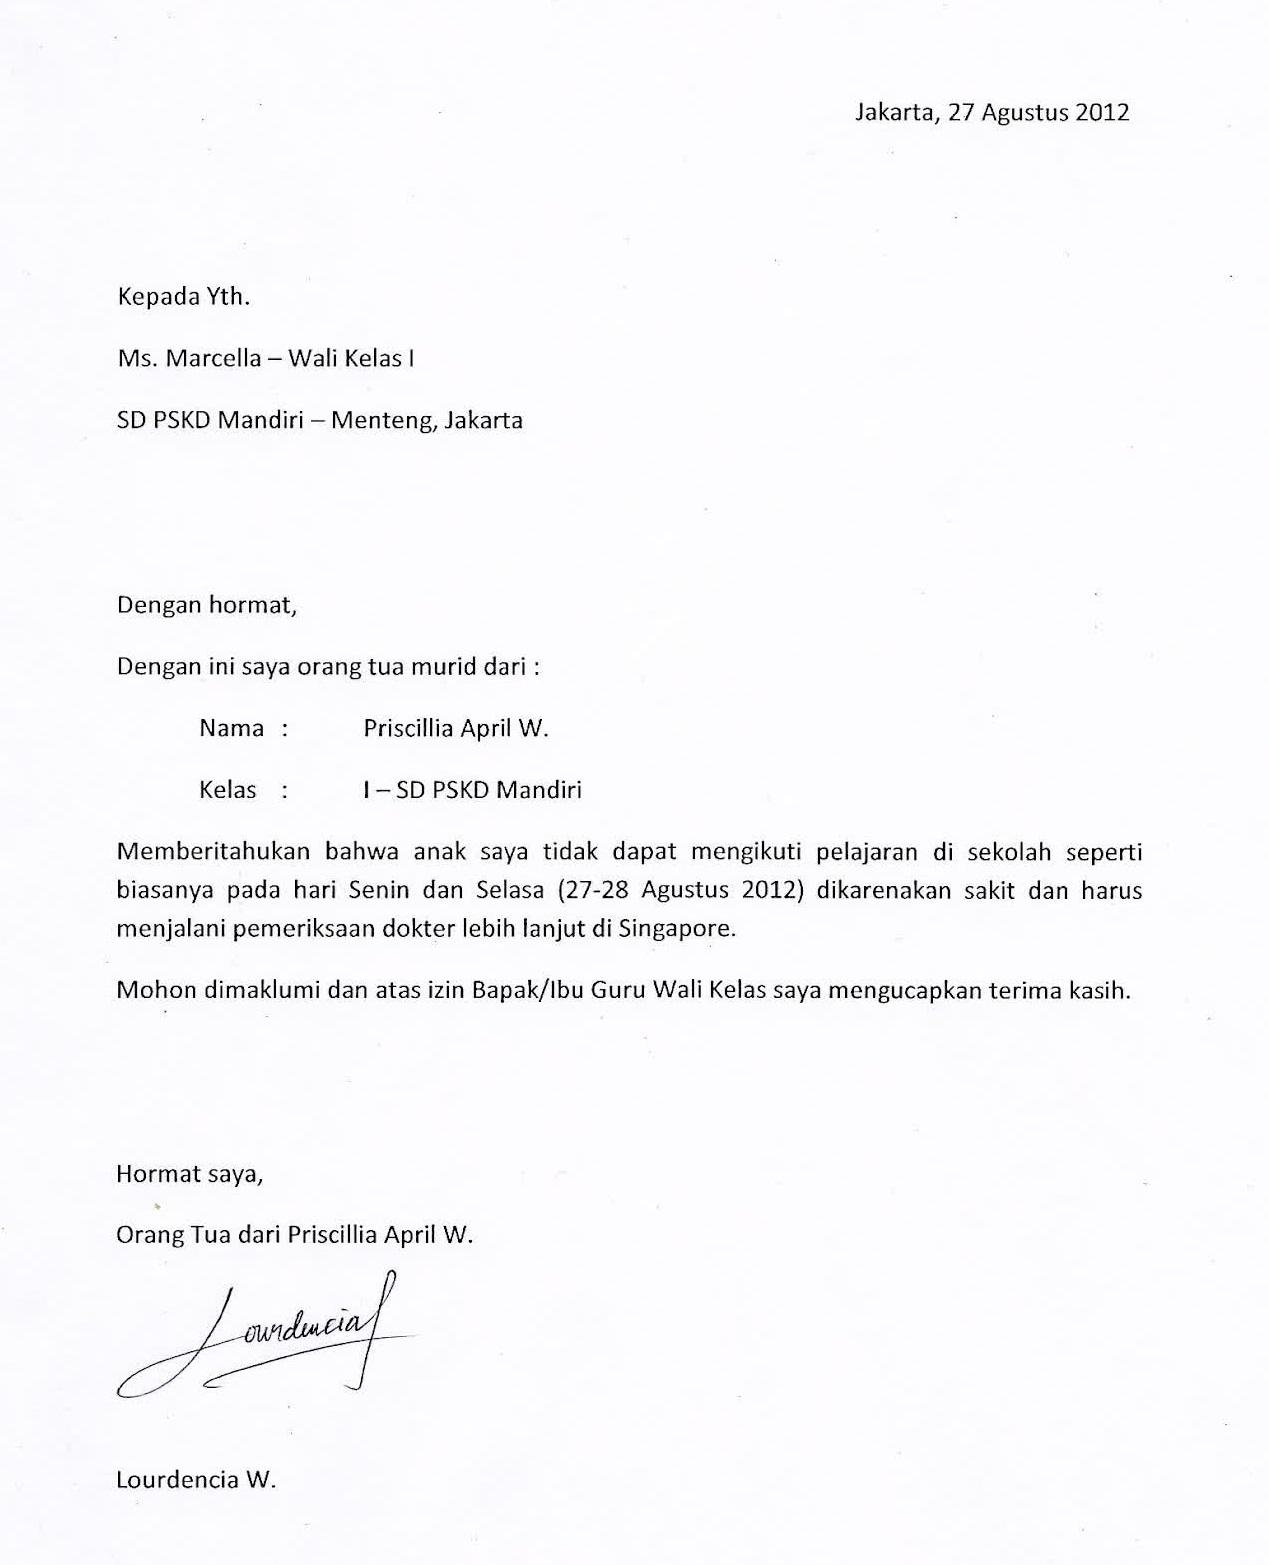 Surat Izin Tidak Masuk Sekolah/Madrasah dalam Bahasa Jawa